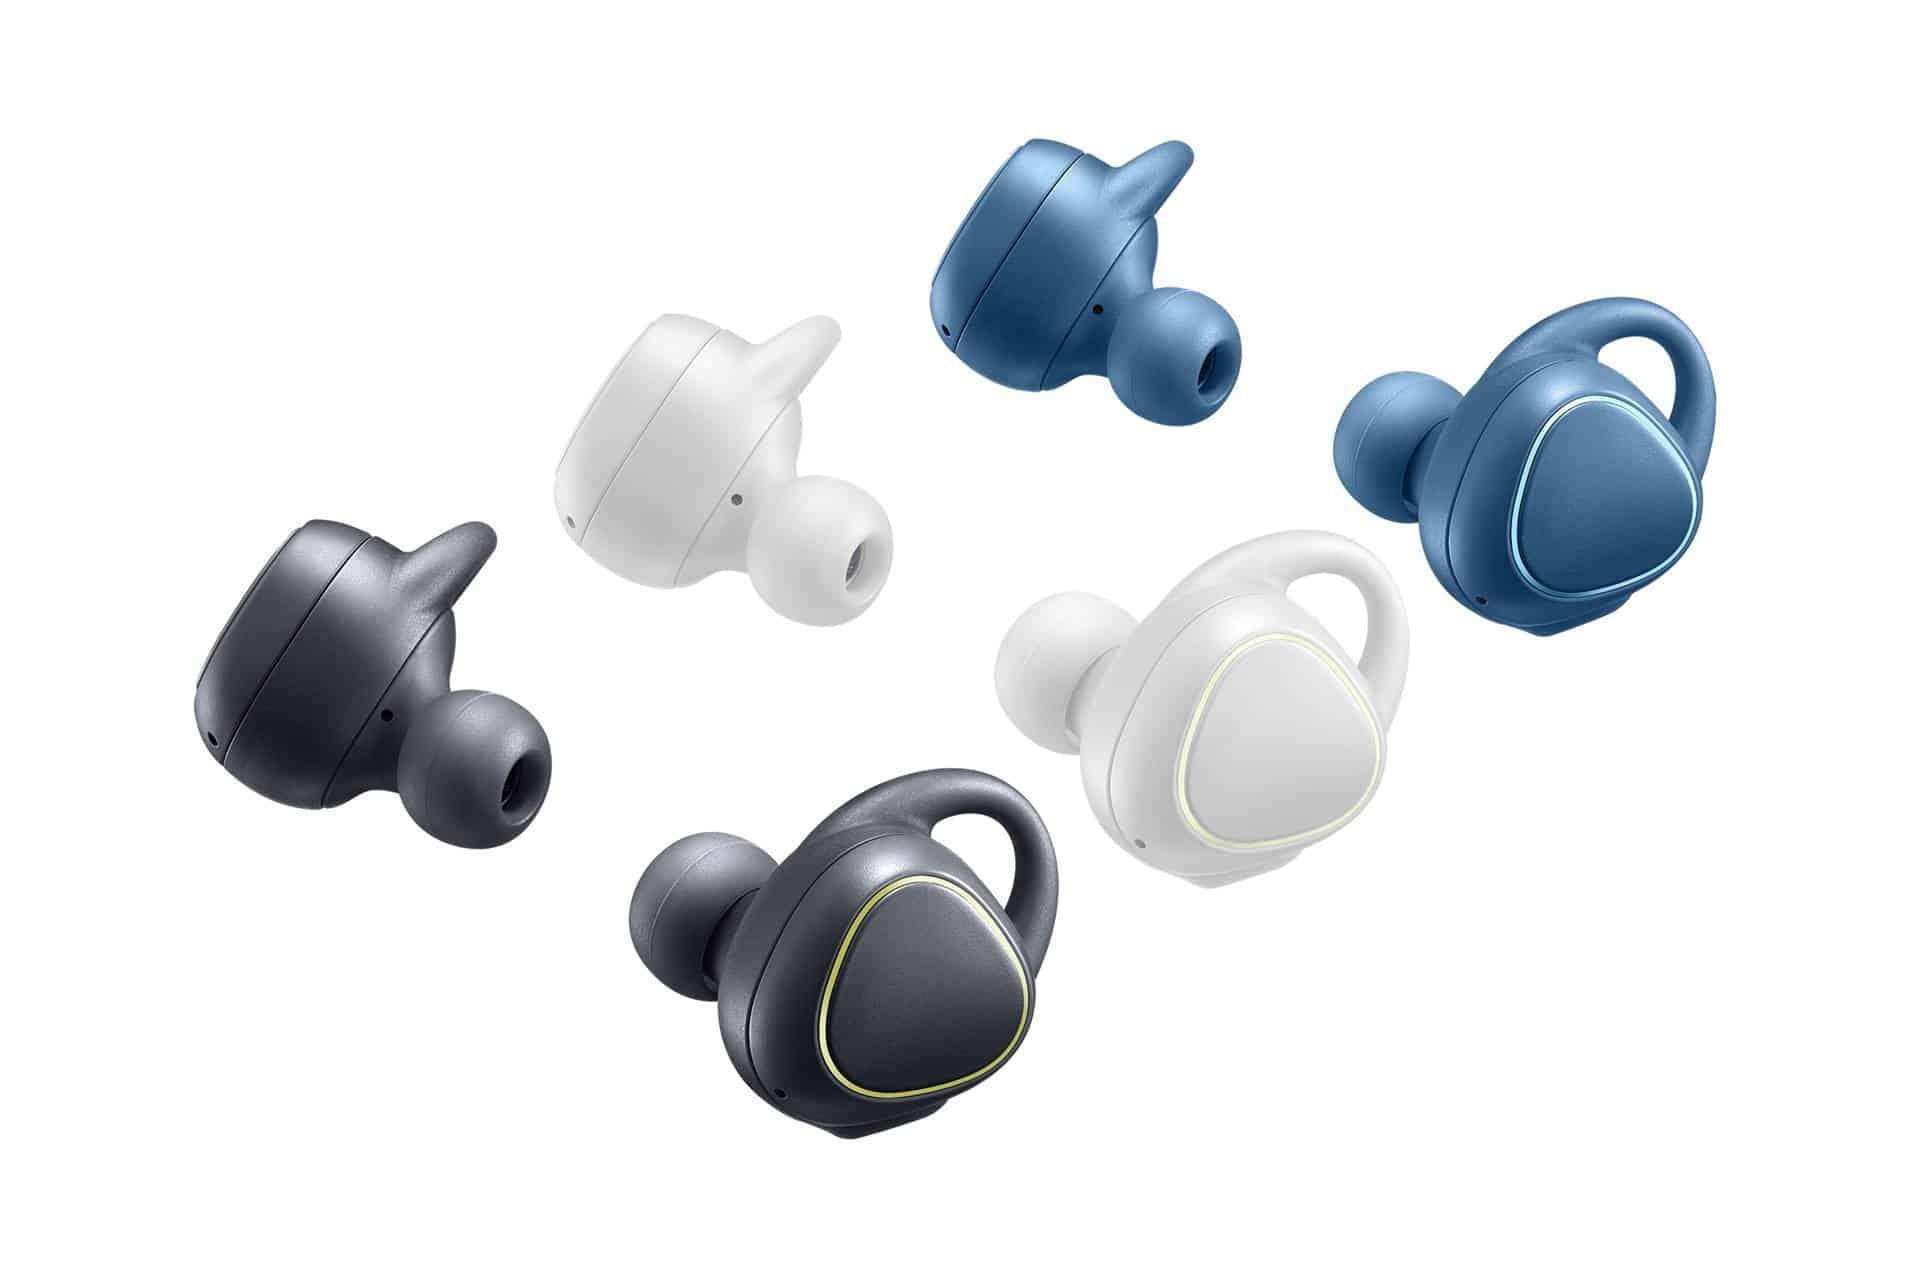 Samsung Gear iconx ah 8